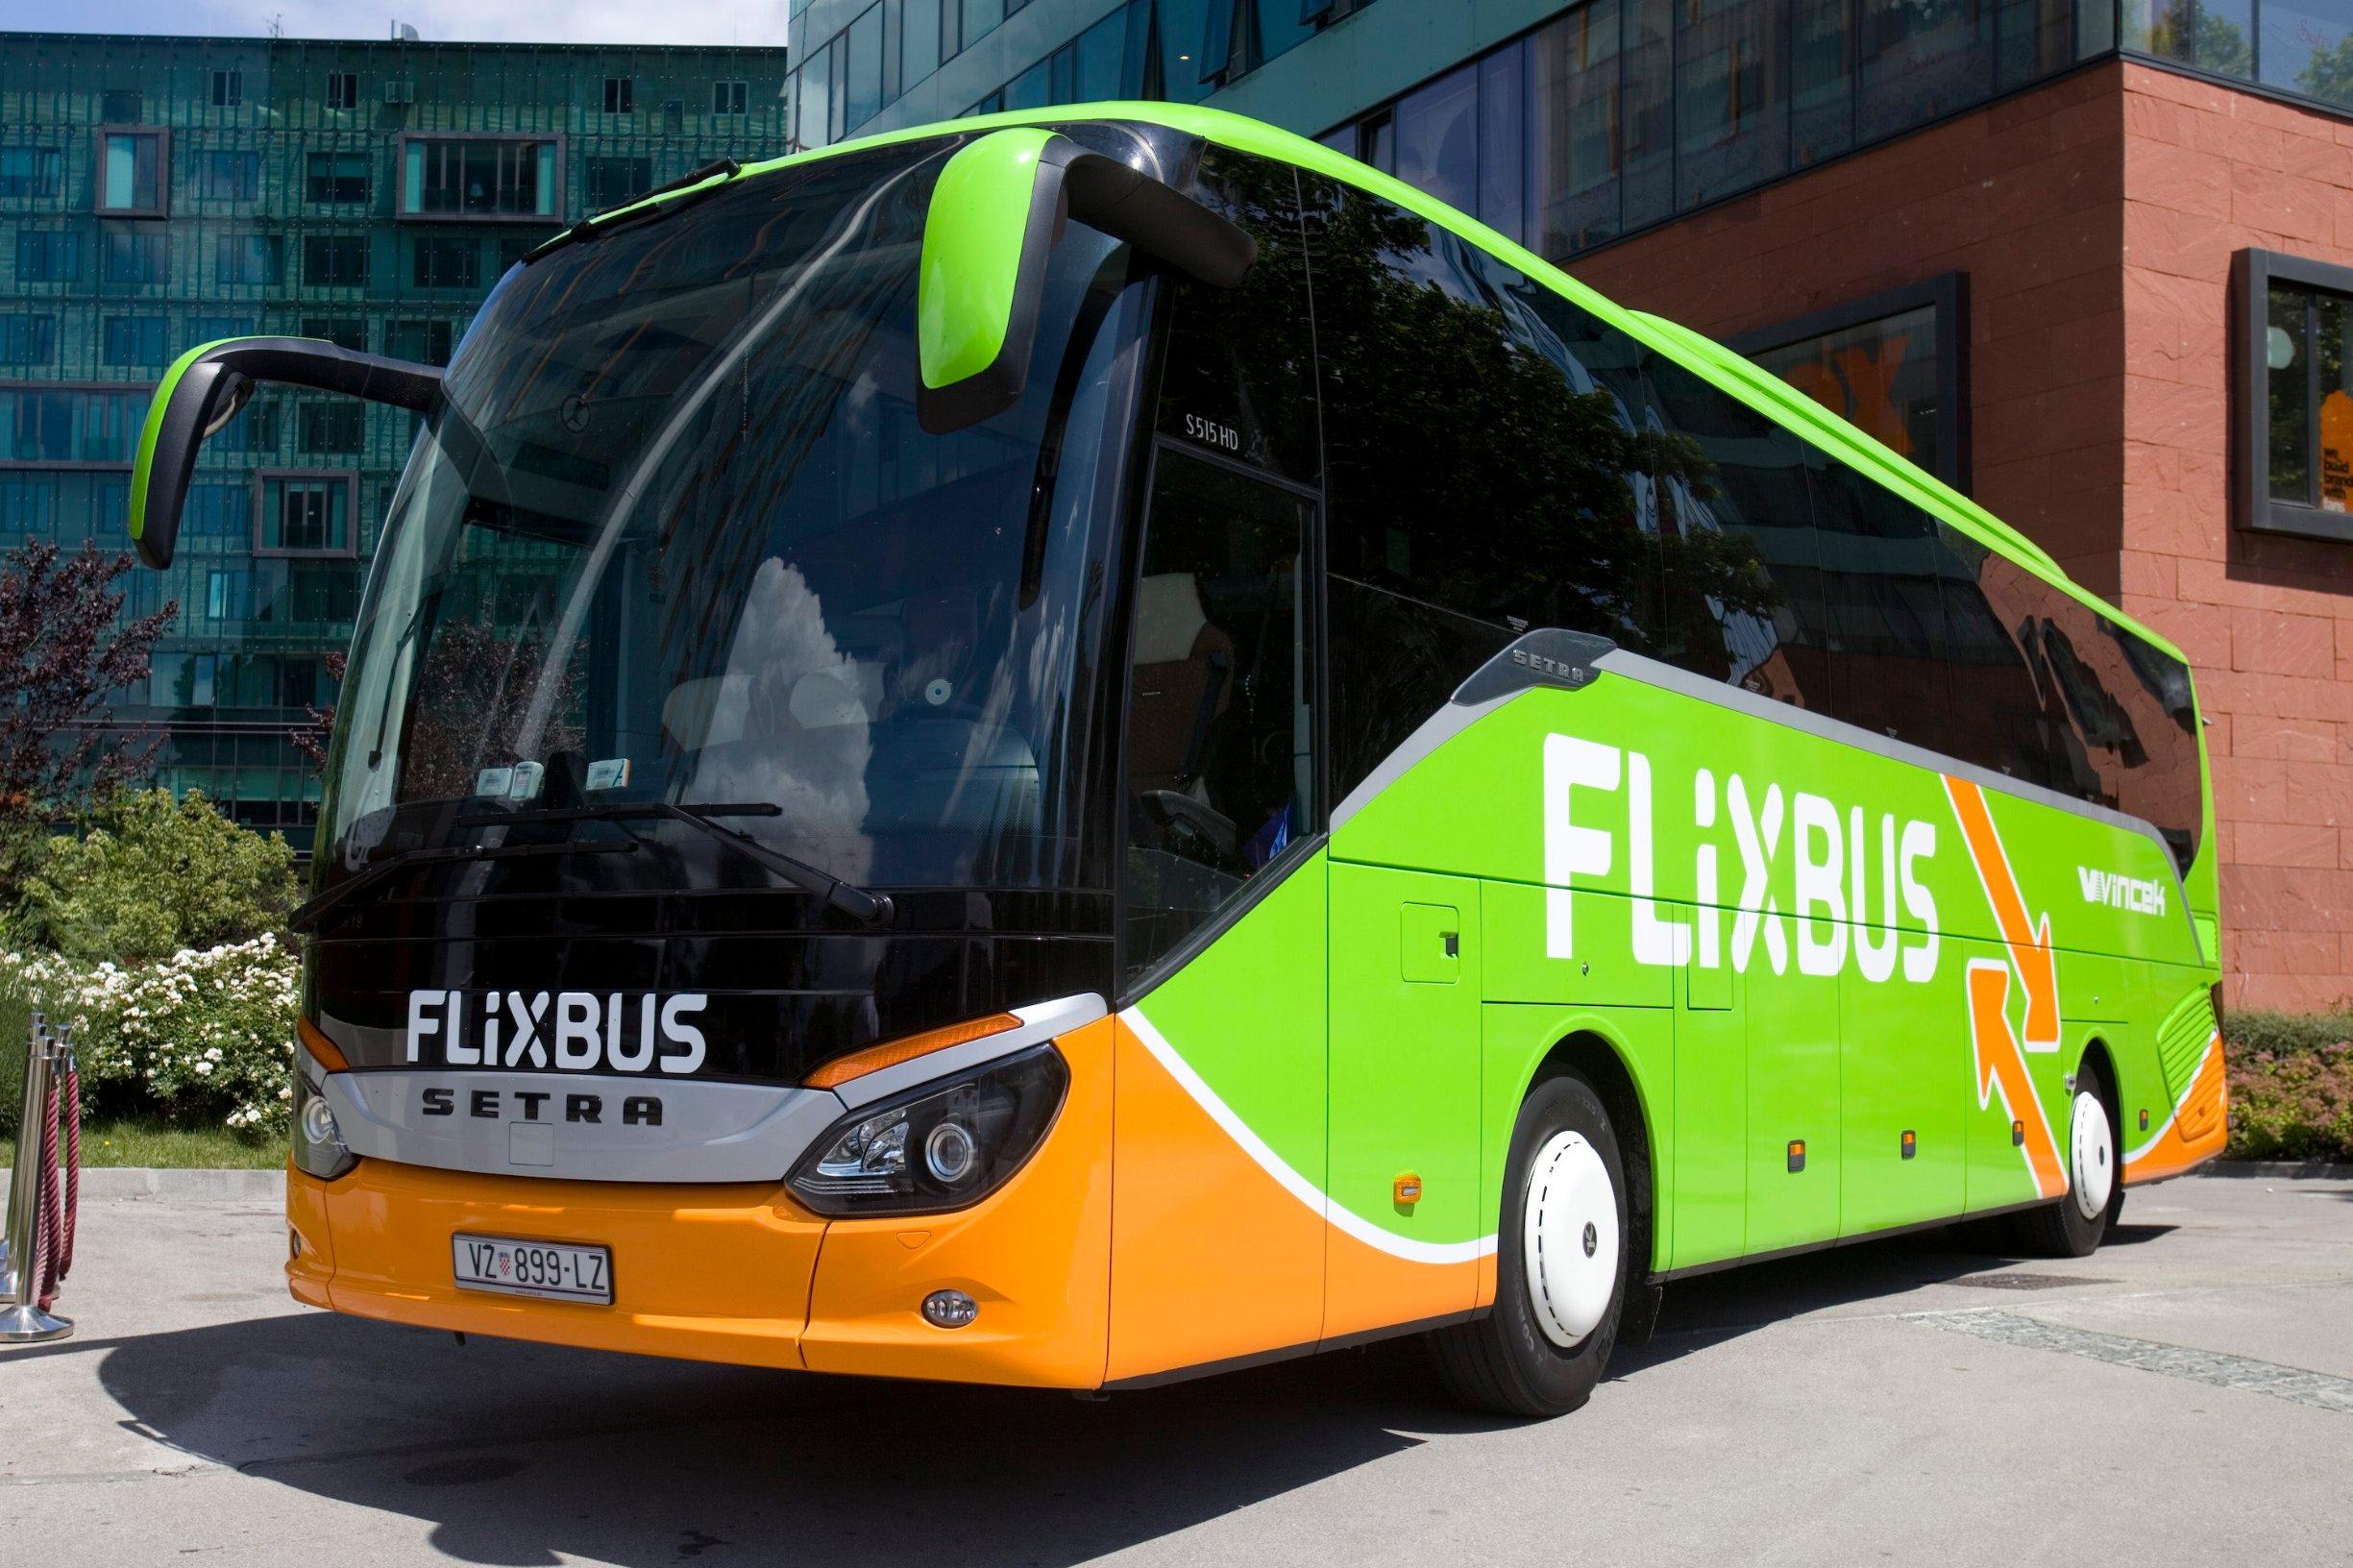 flixbus5-020616